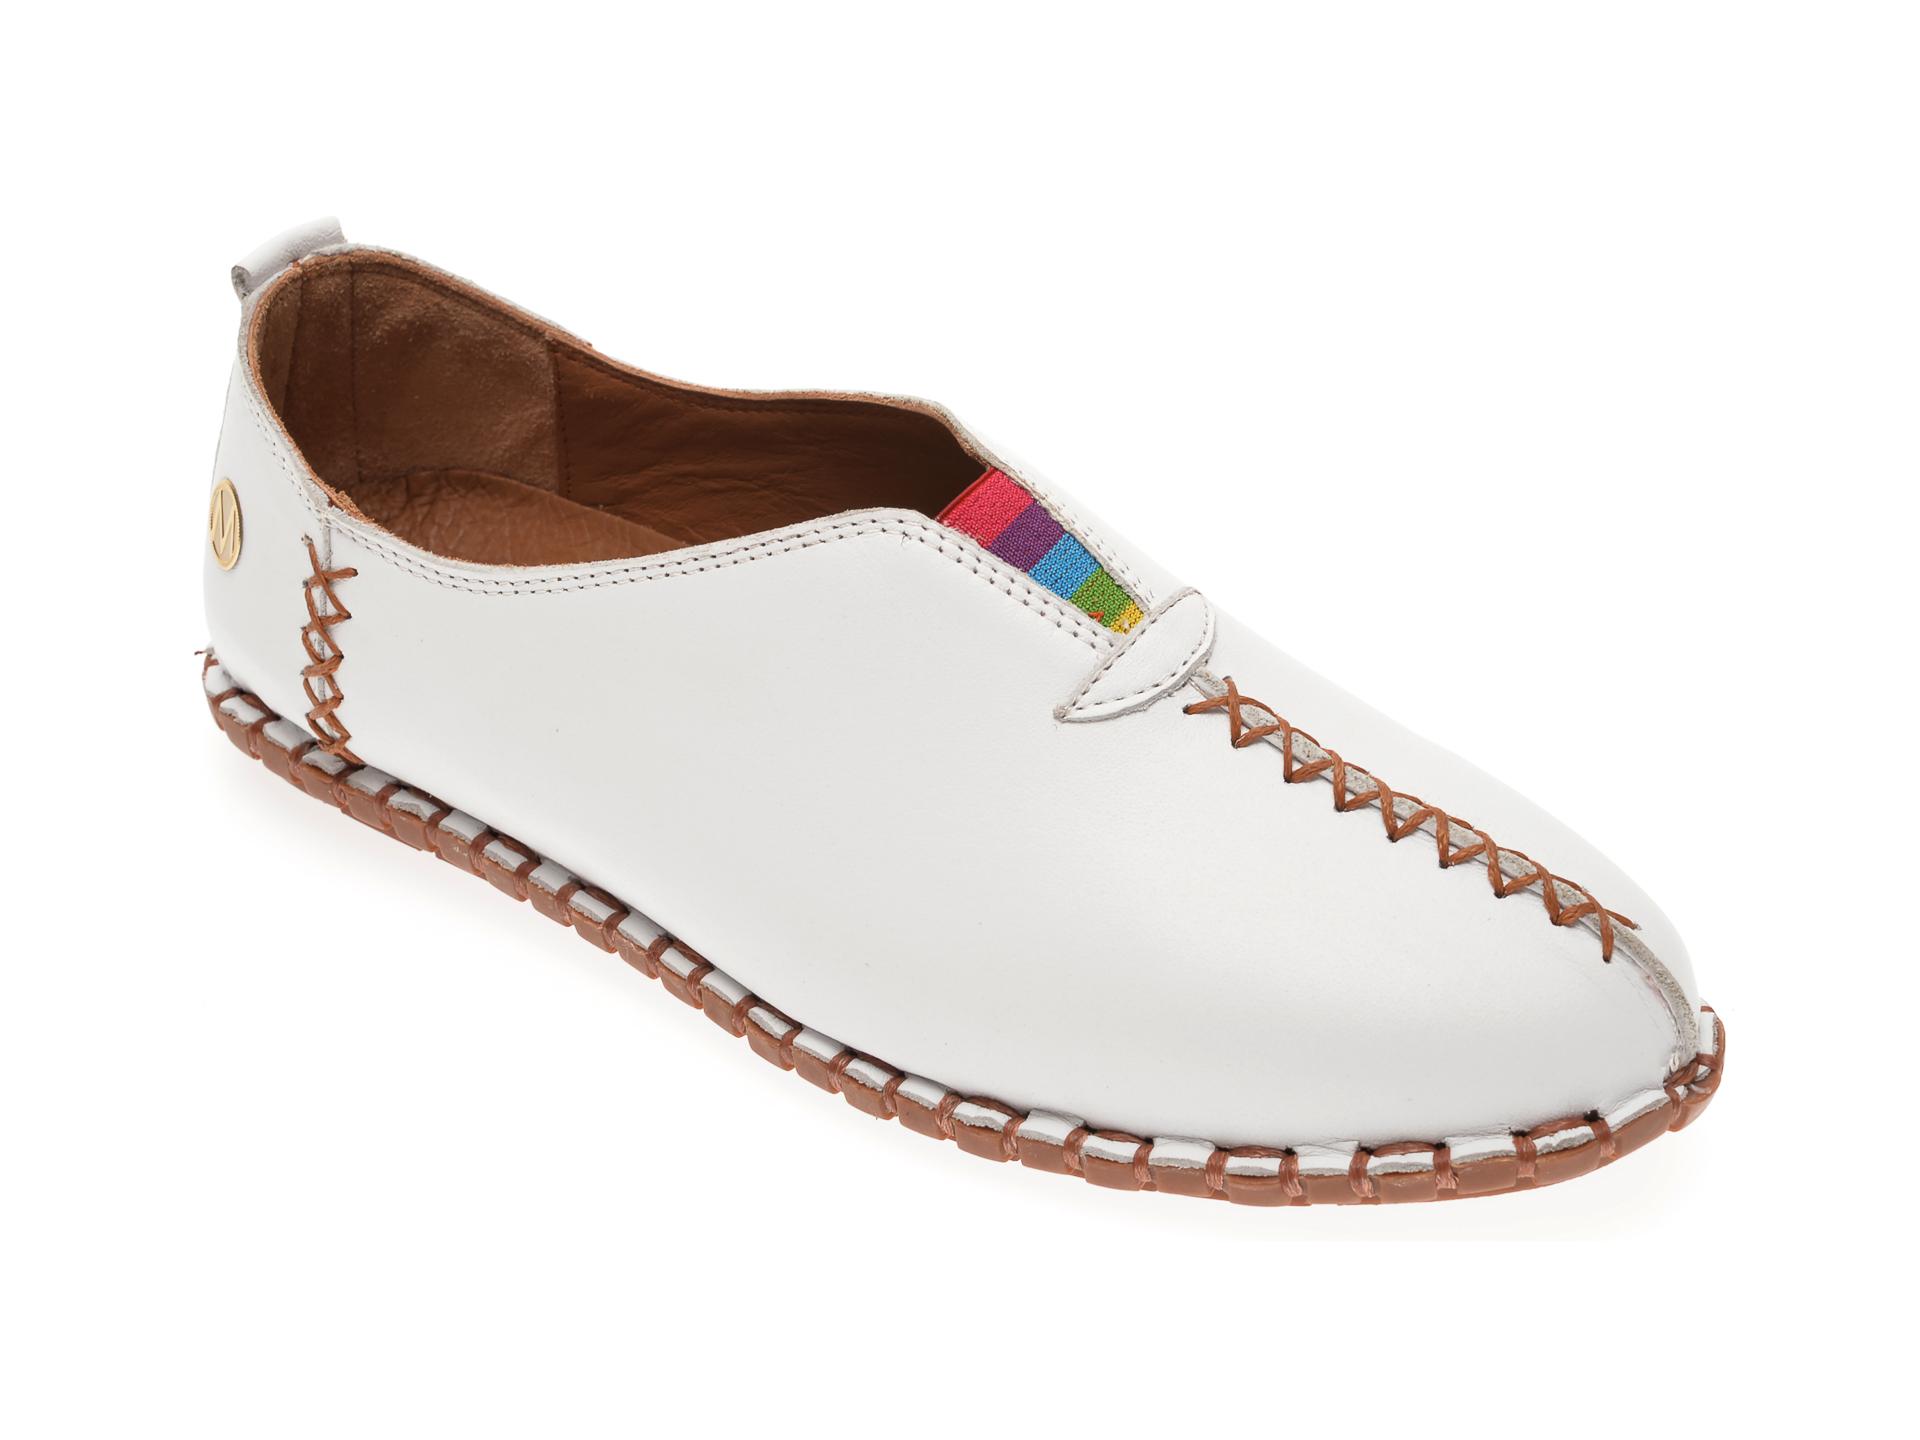 Pantofi MESSIMODA albi, 19Y2901, din piele naturala